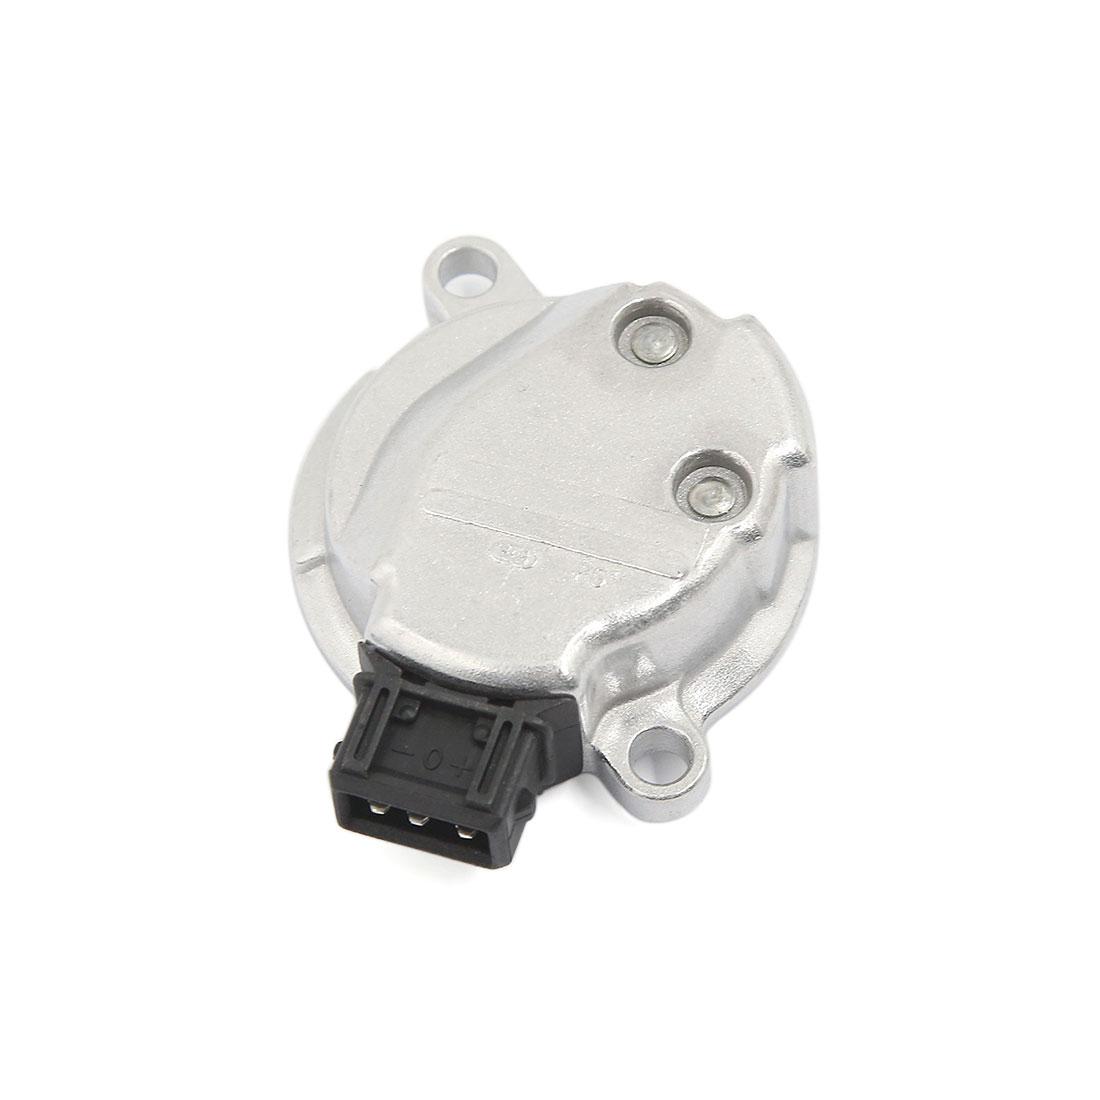 NEW Engine Camshaft Cam Shaft Position Sensor CPS for Audi Volkswagen 058905161B